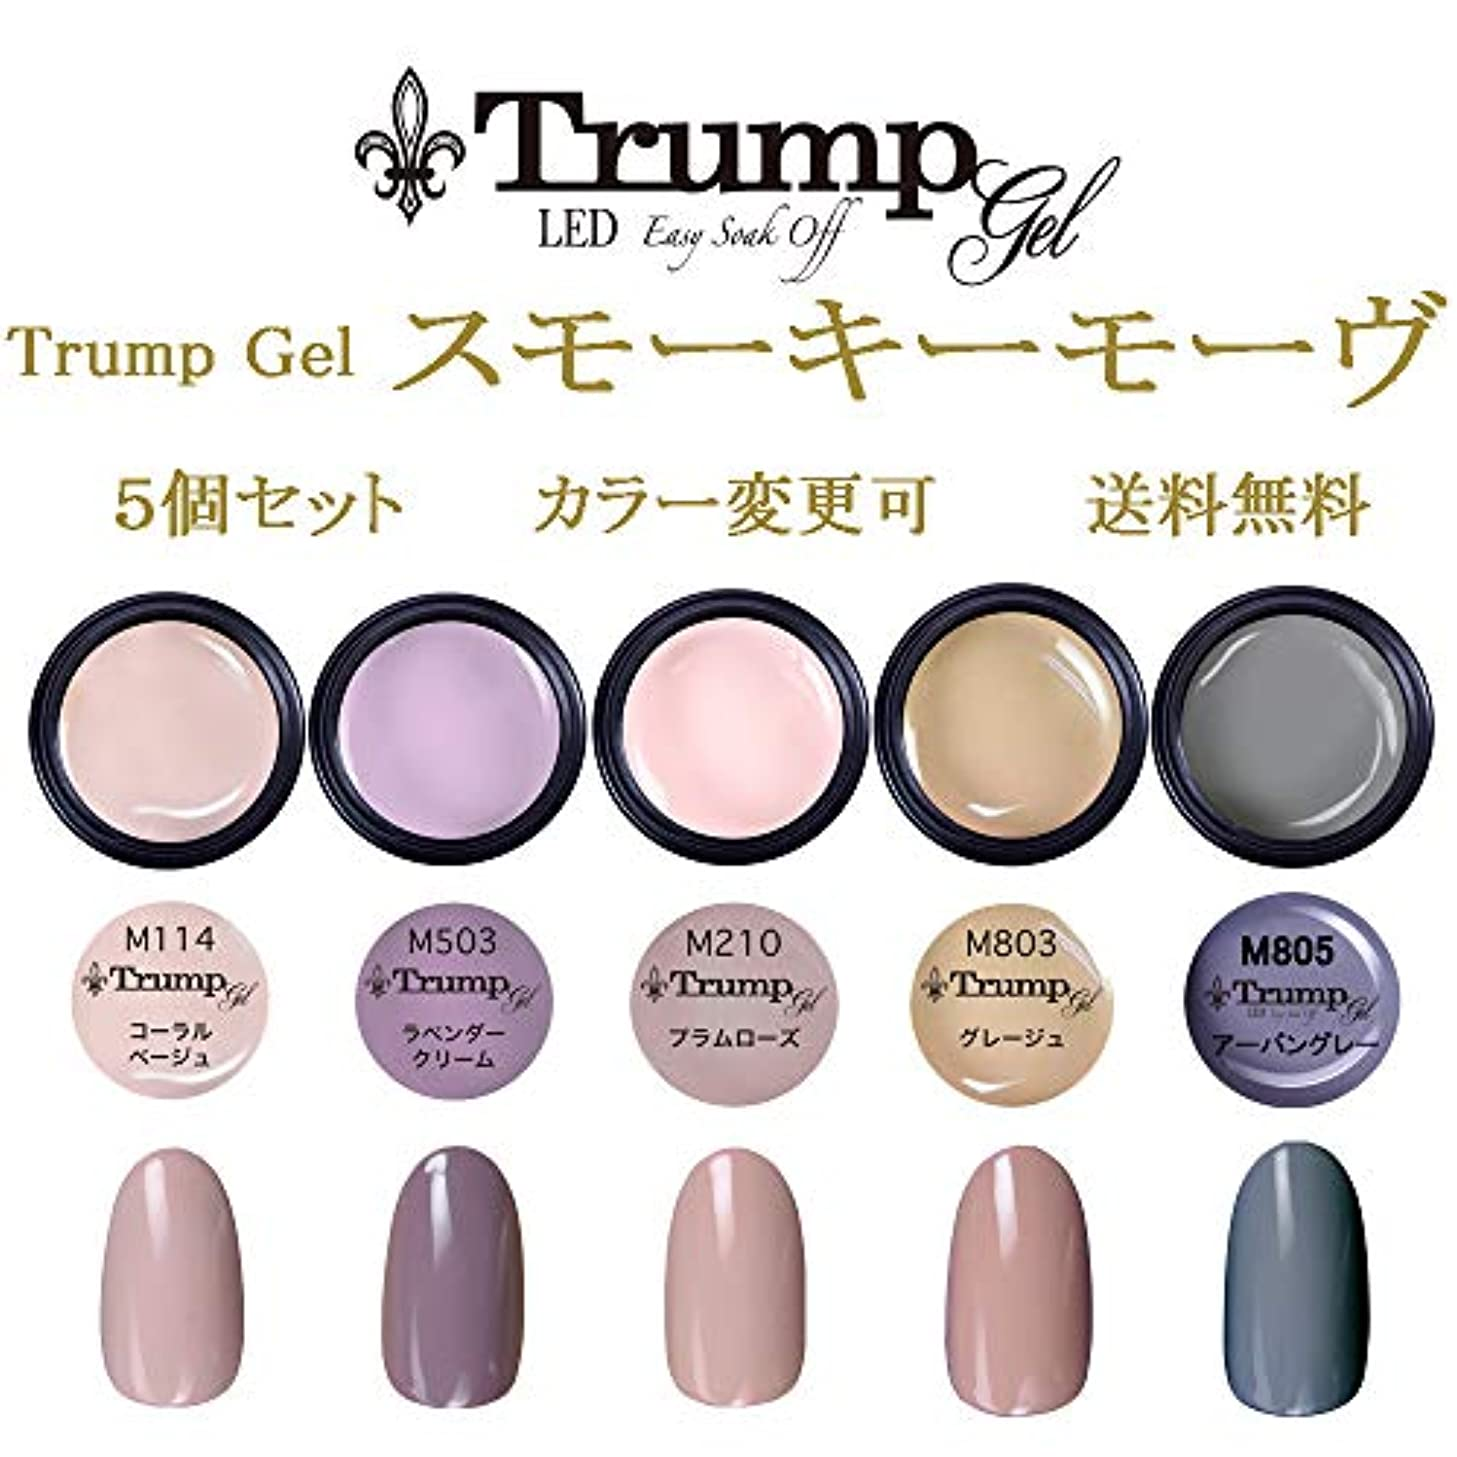 作物着陸アスペクト【送料無料】Trumpスモーキーモーヴカラー選べるカラージェル5個セット